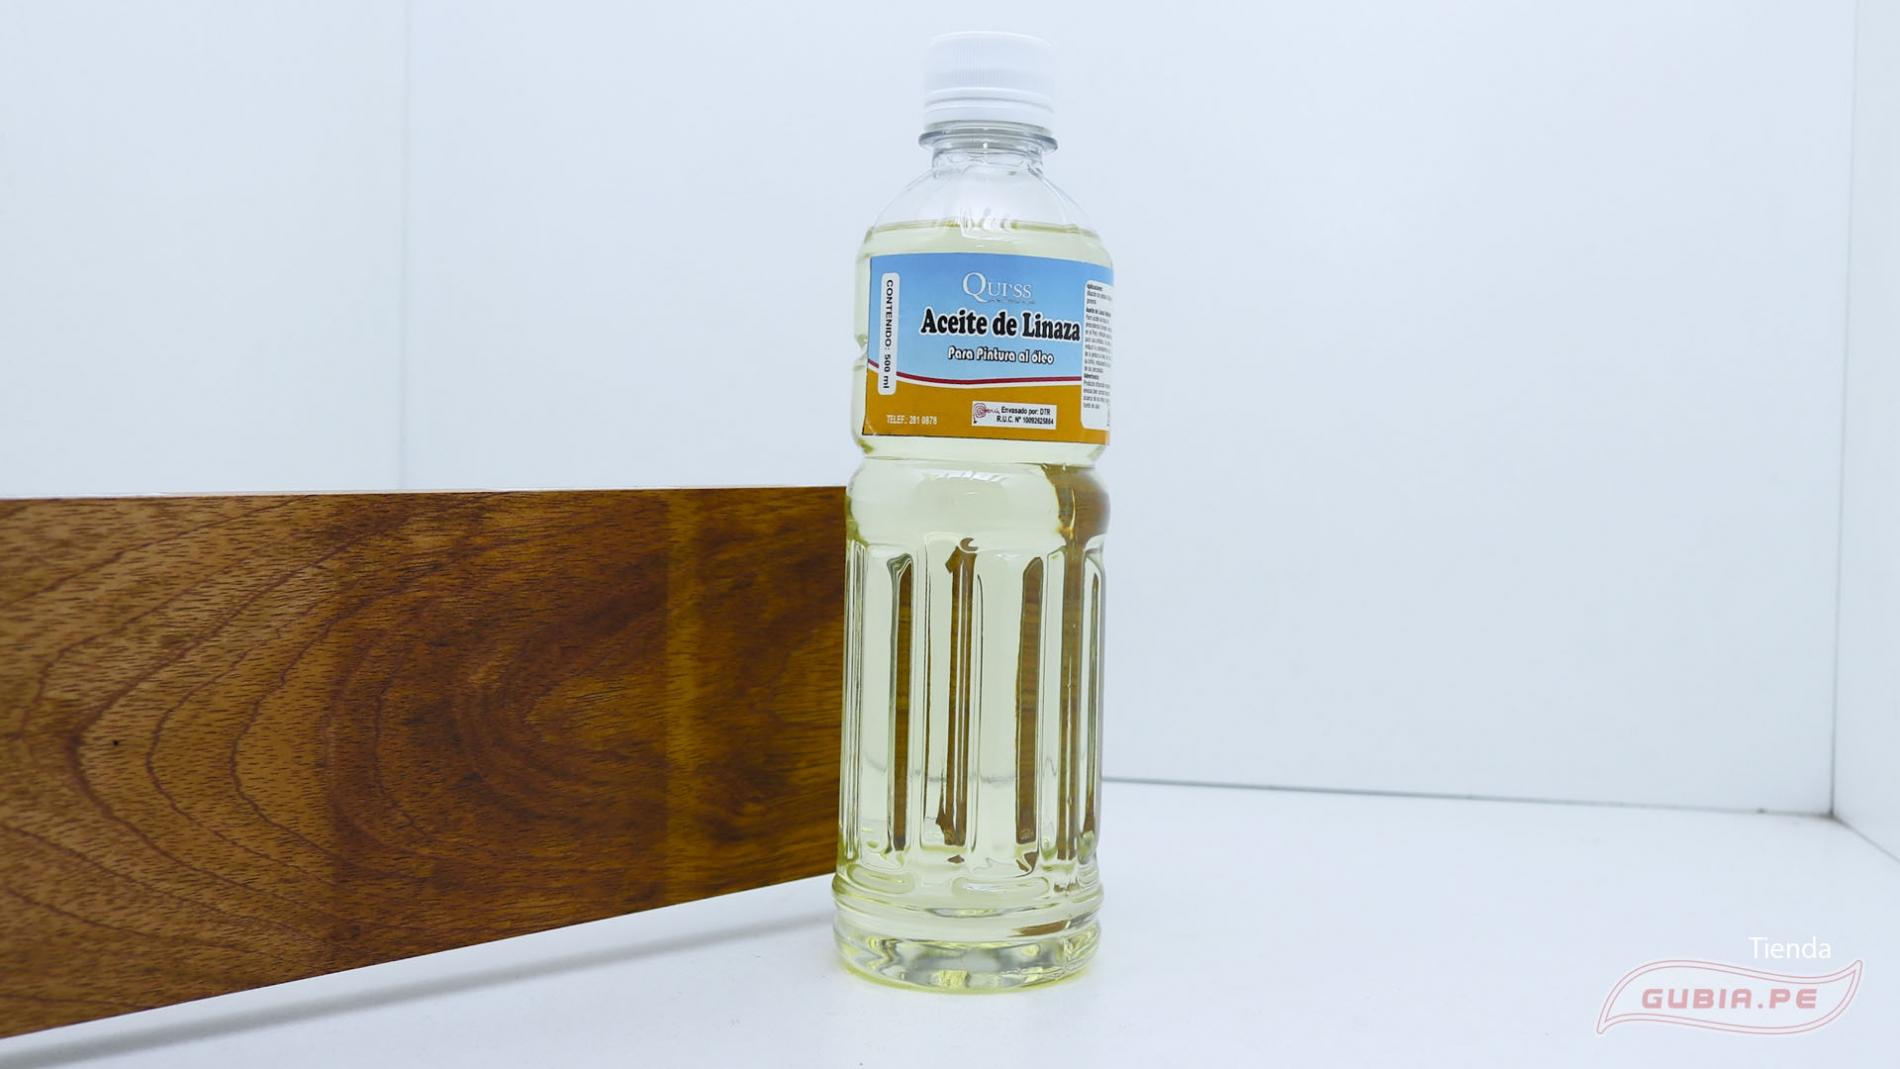 GUB0051-Aceite de Linaza 500ml Quiss GUB0051-max-1.